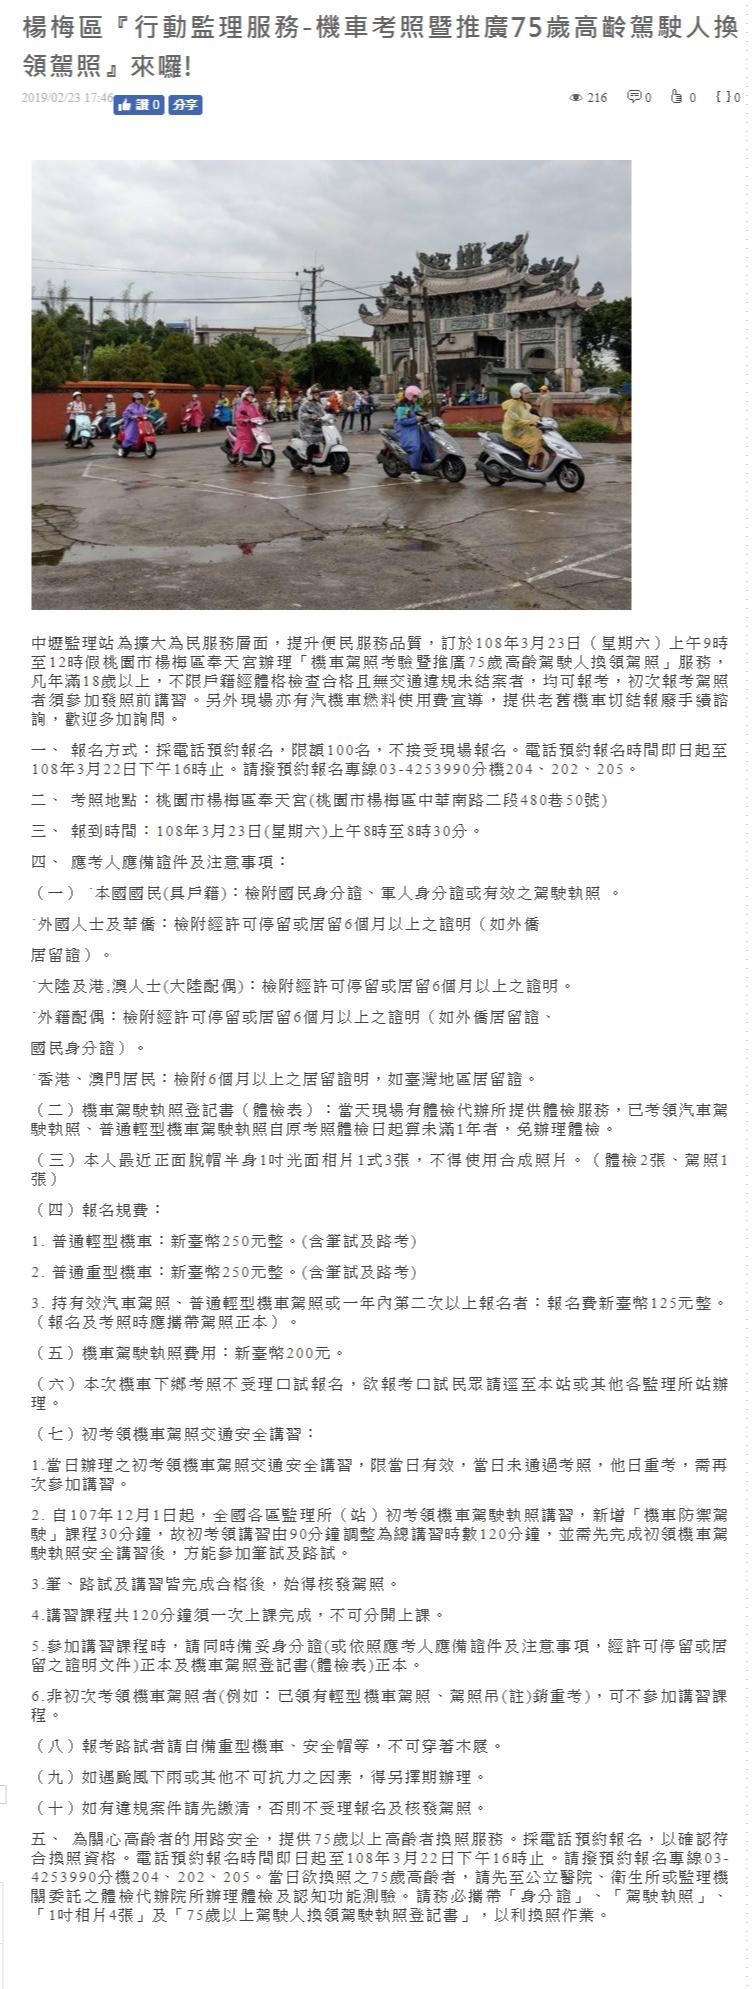 楊梅區『行動監理服務-機車考照暨推廣75歲高齡駕駛人換領駕照』來囉!